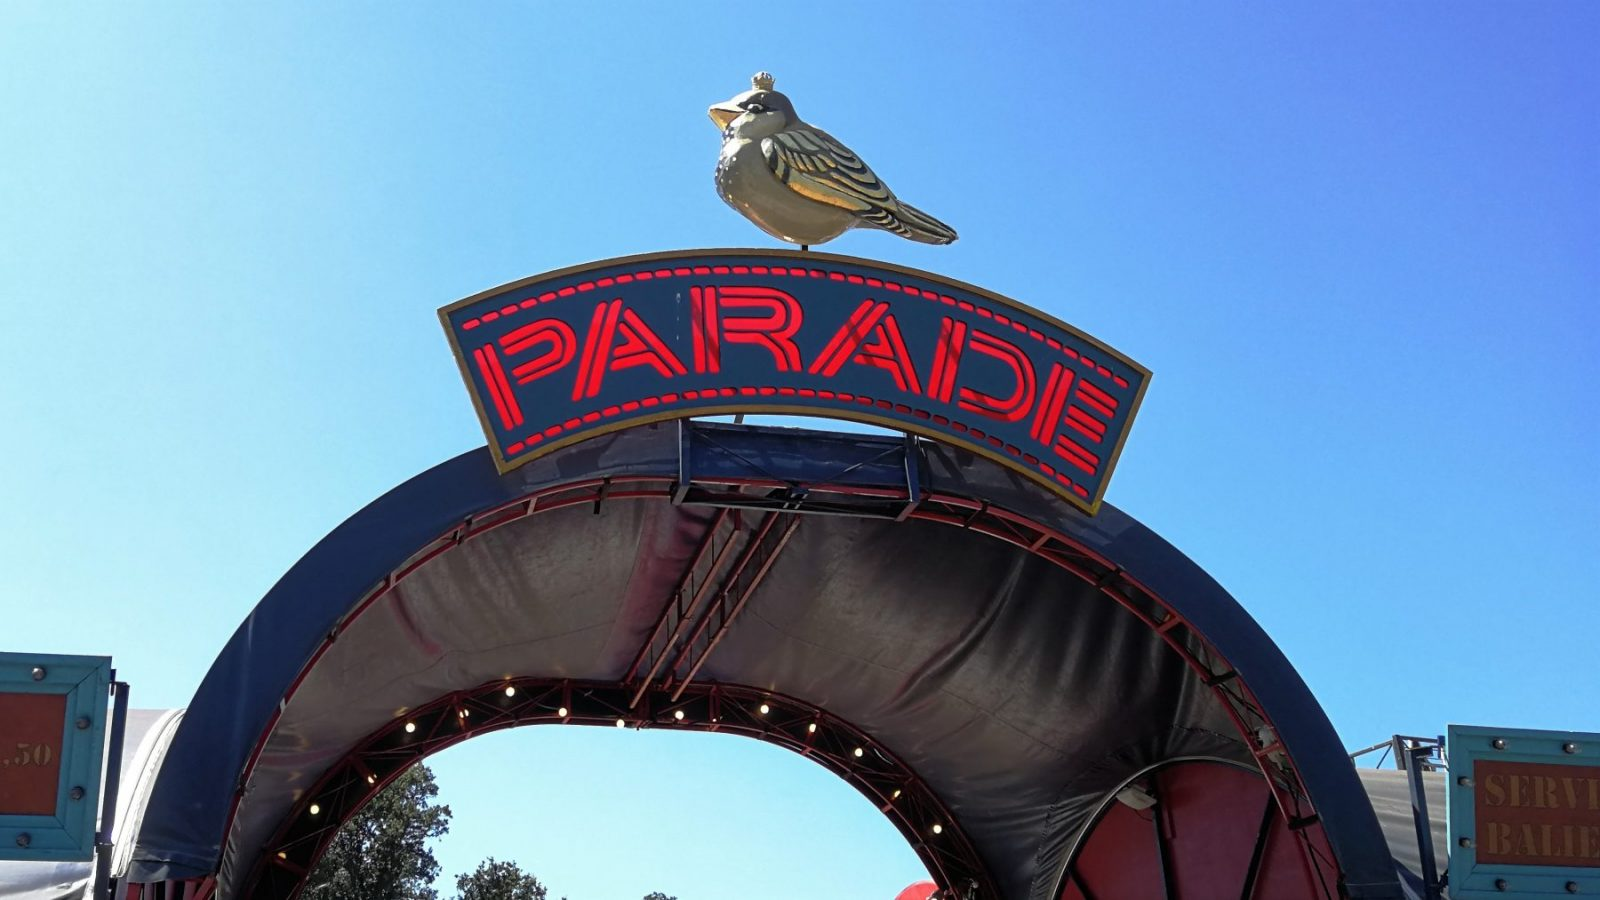 Parade 2019